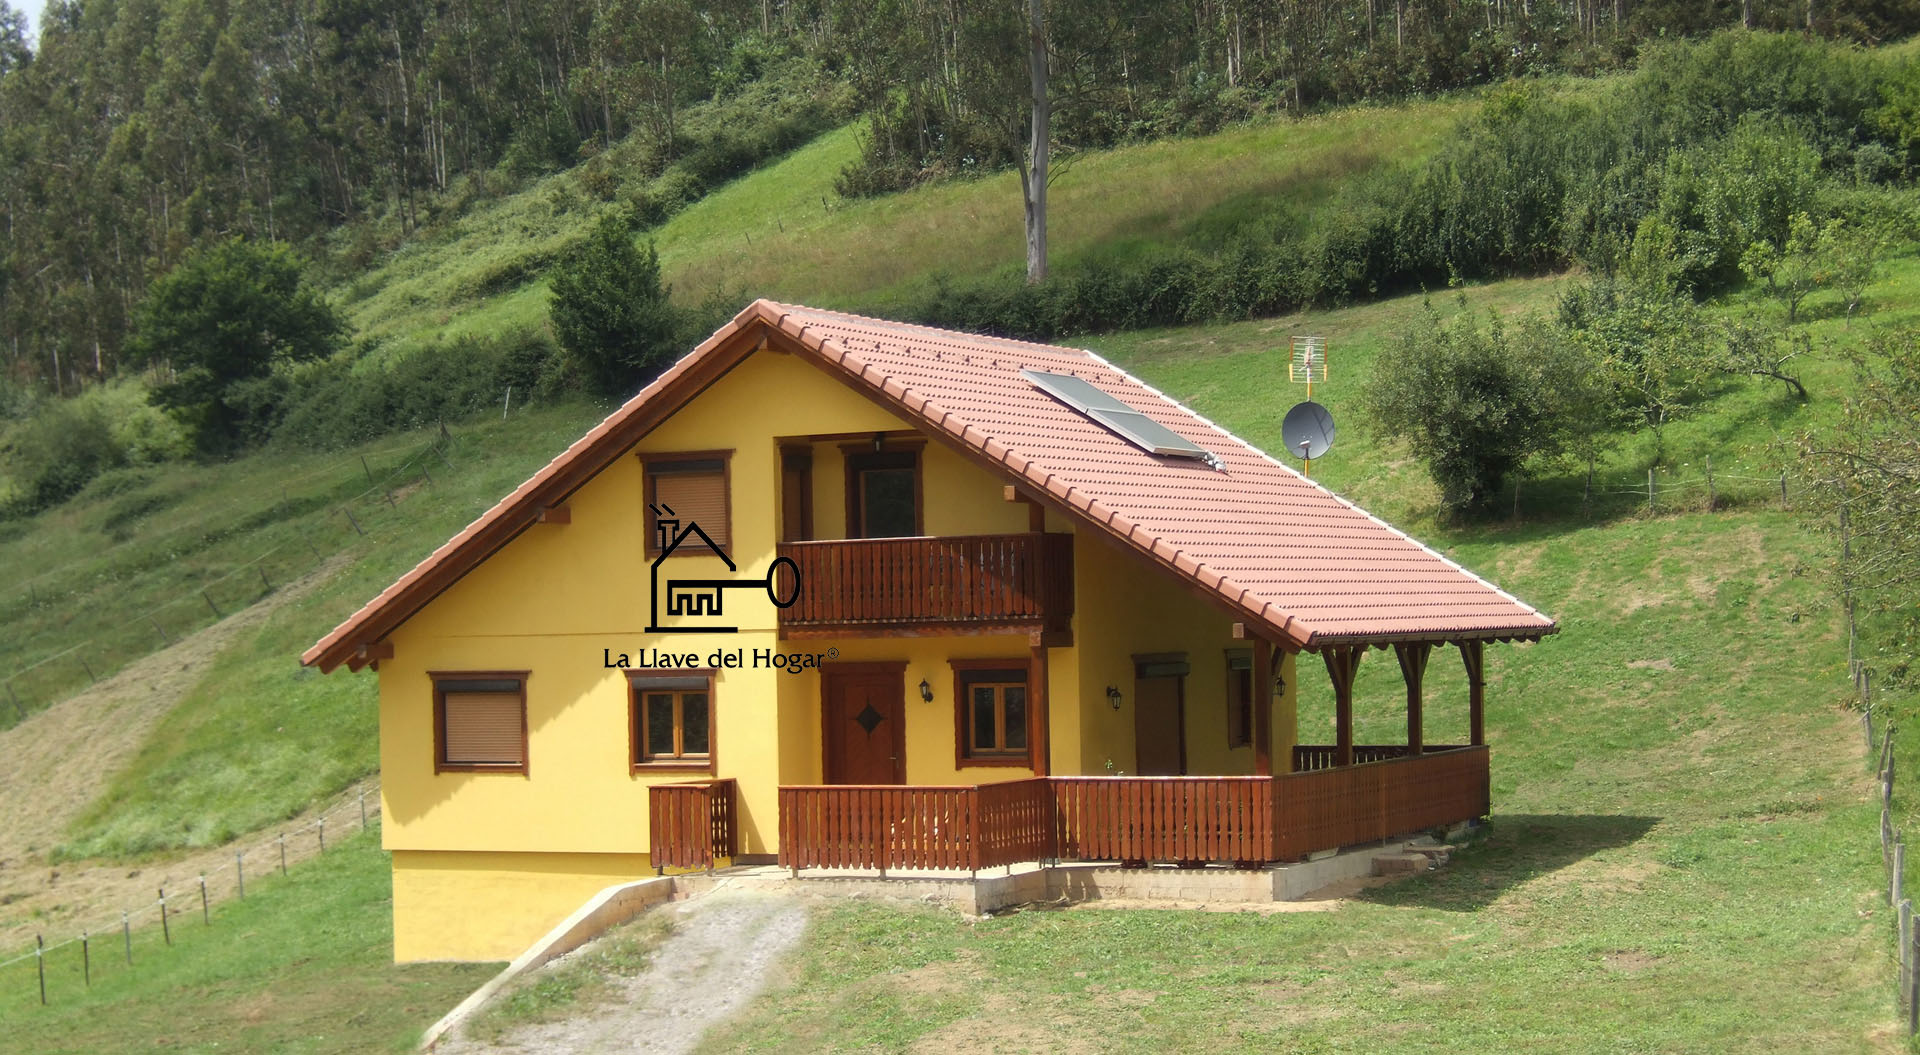 La llave del hogar casas de madera y entramado ligero - Casas prefabricadas de madera espana ...